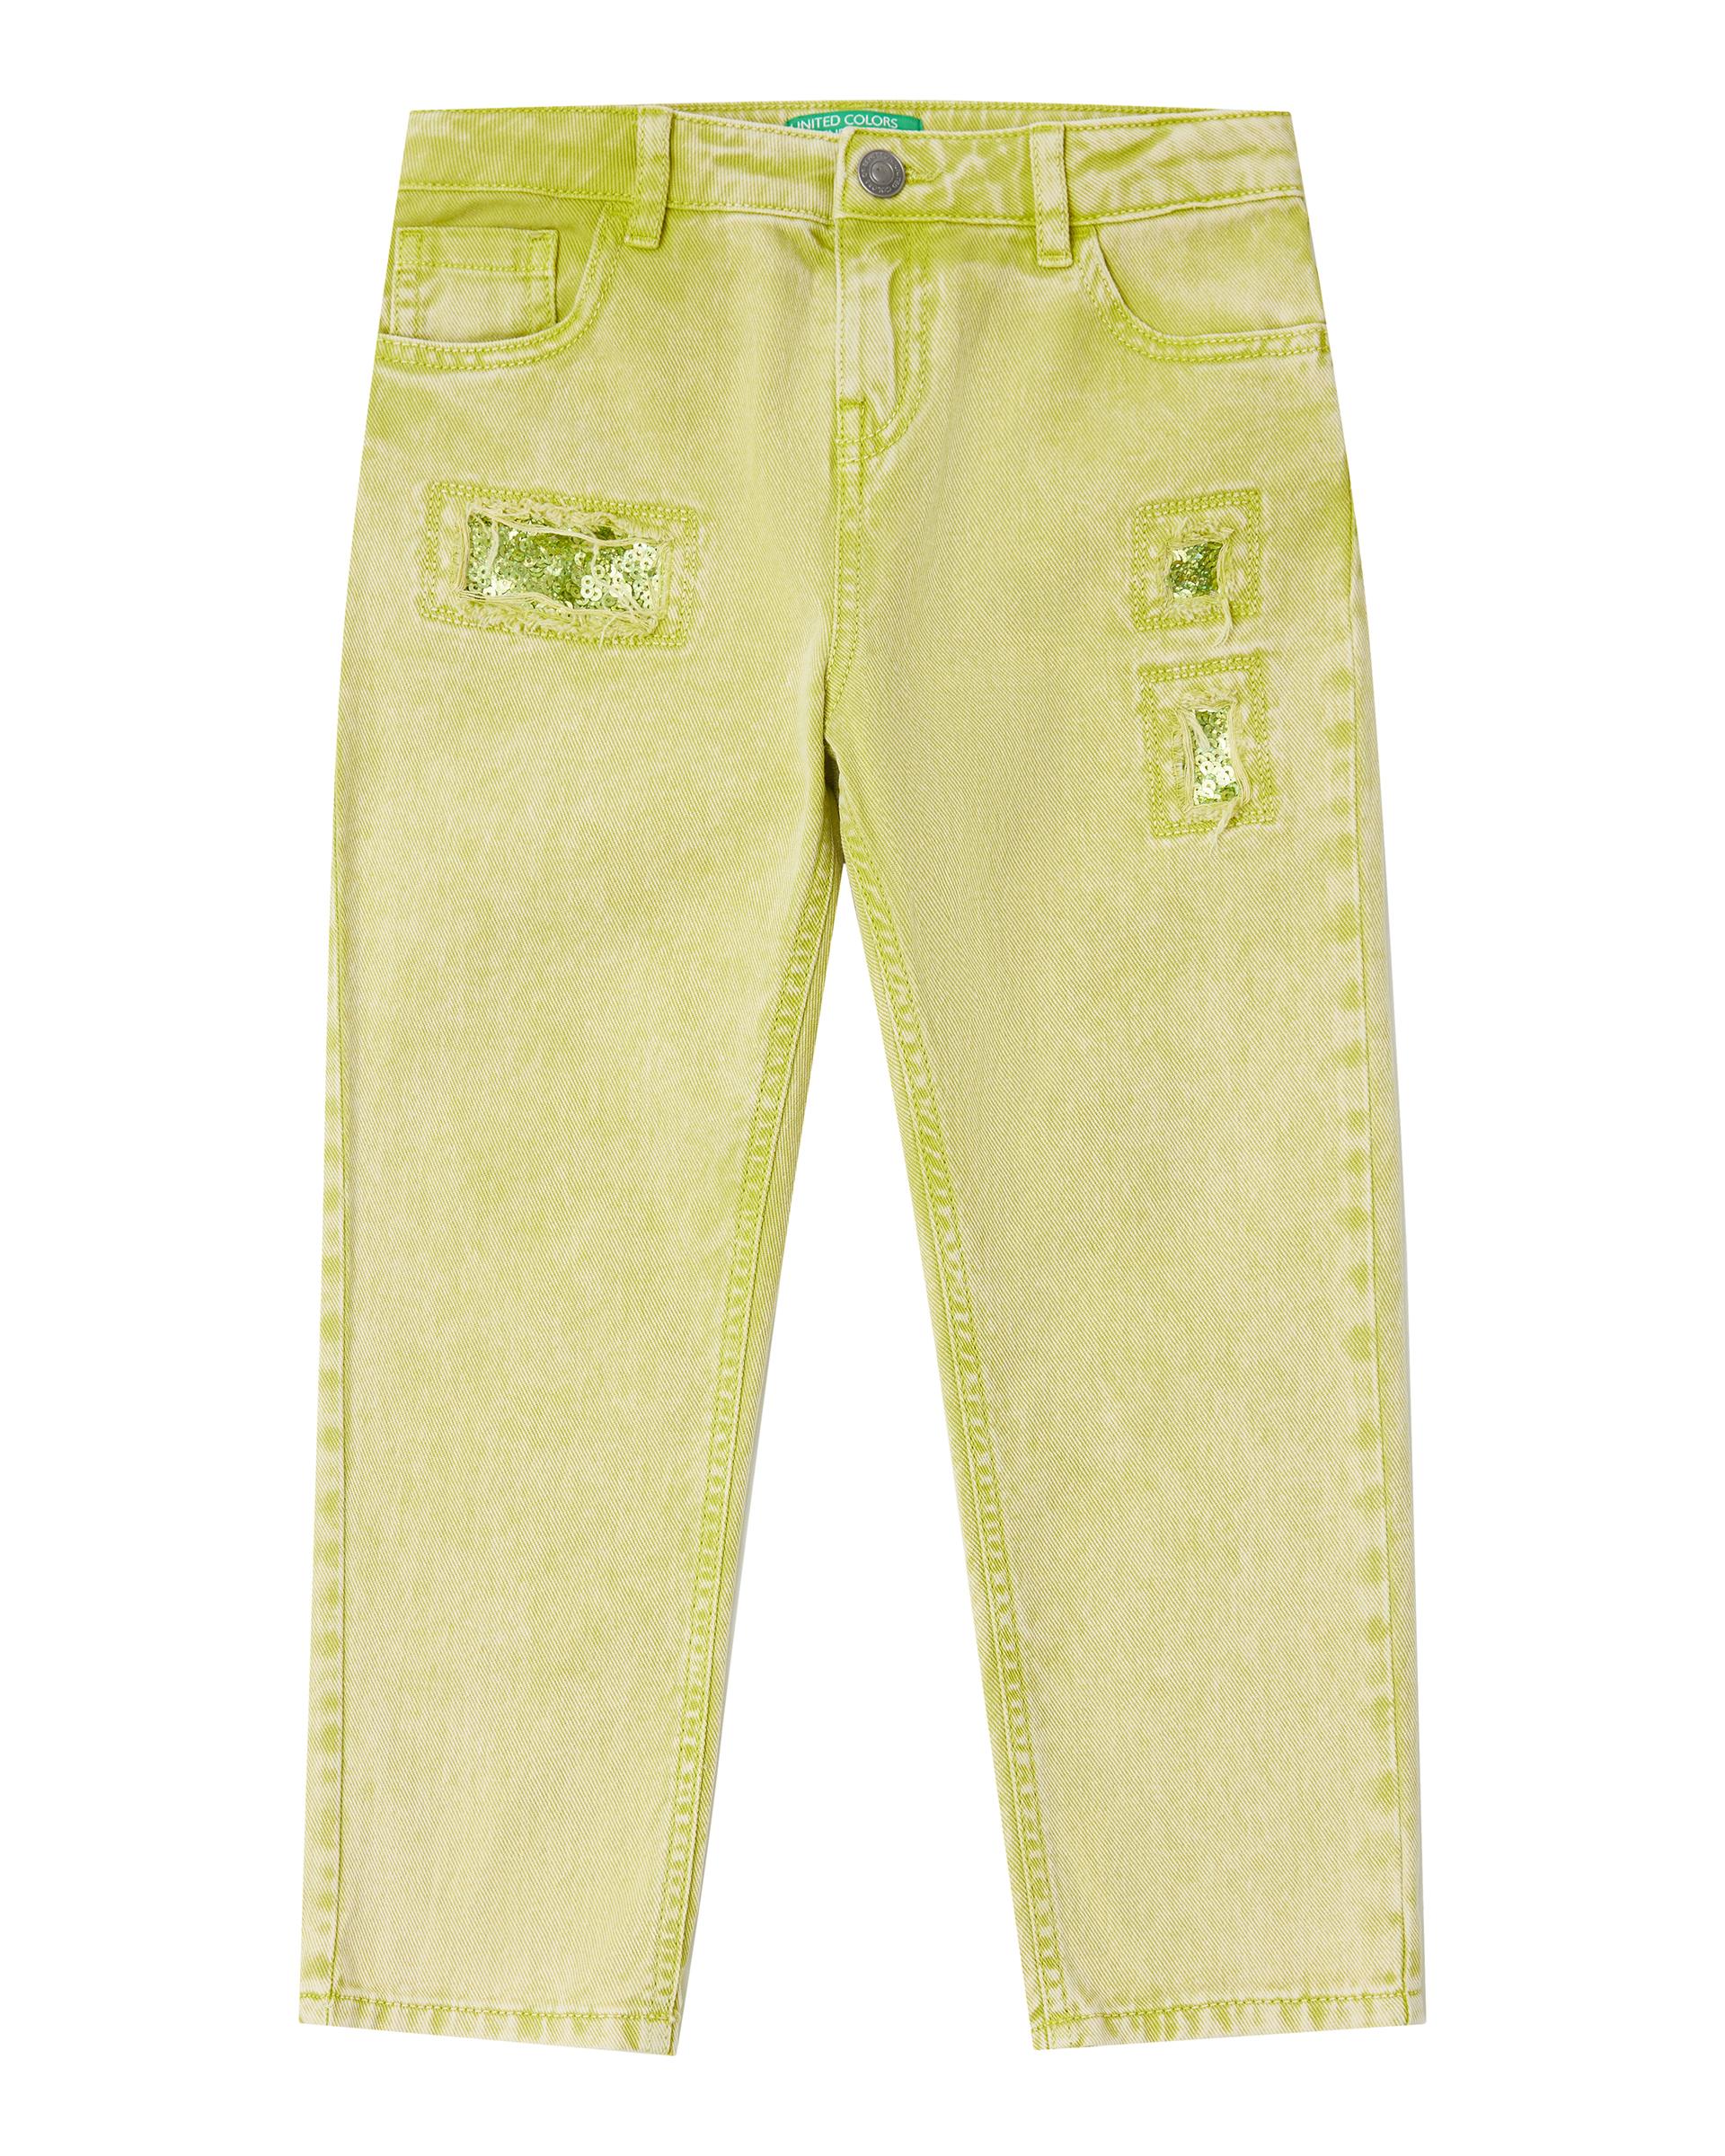 Купить 20P_4PL355B60_902, Брюки для девочек Benetton 4PL355B60_902 р-р 122, United Colors of Benetton, Джинсы для девочек